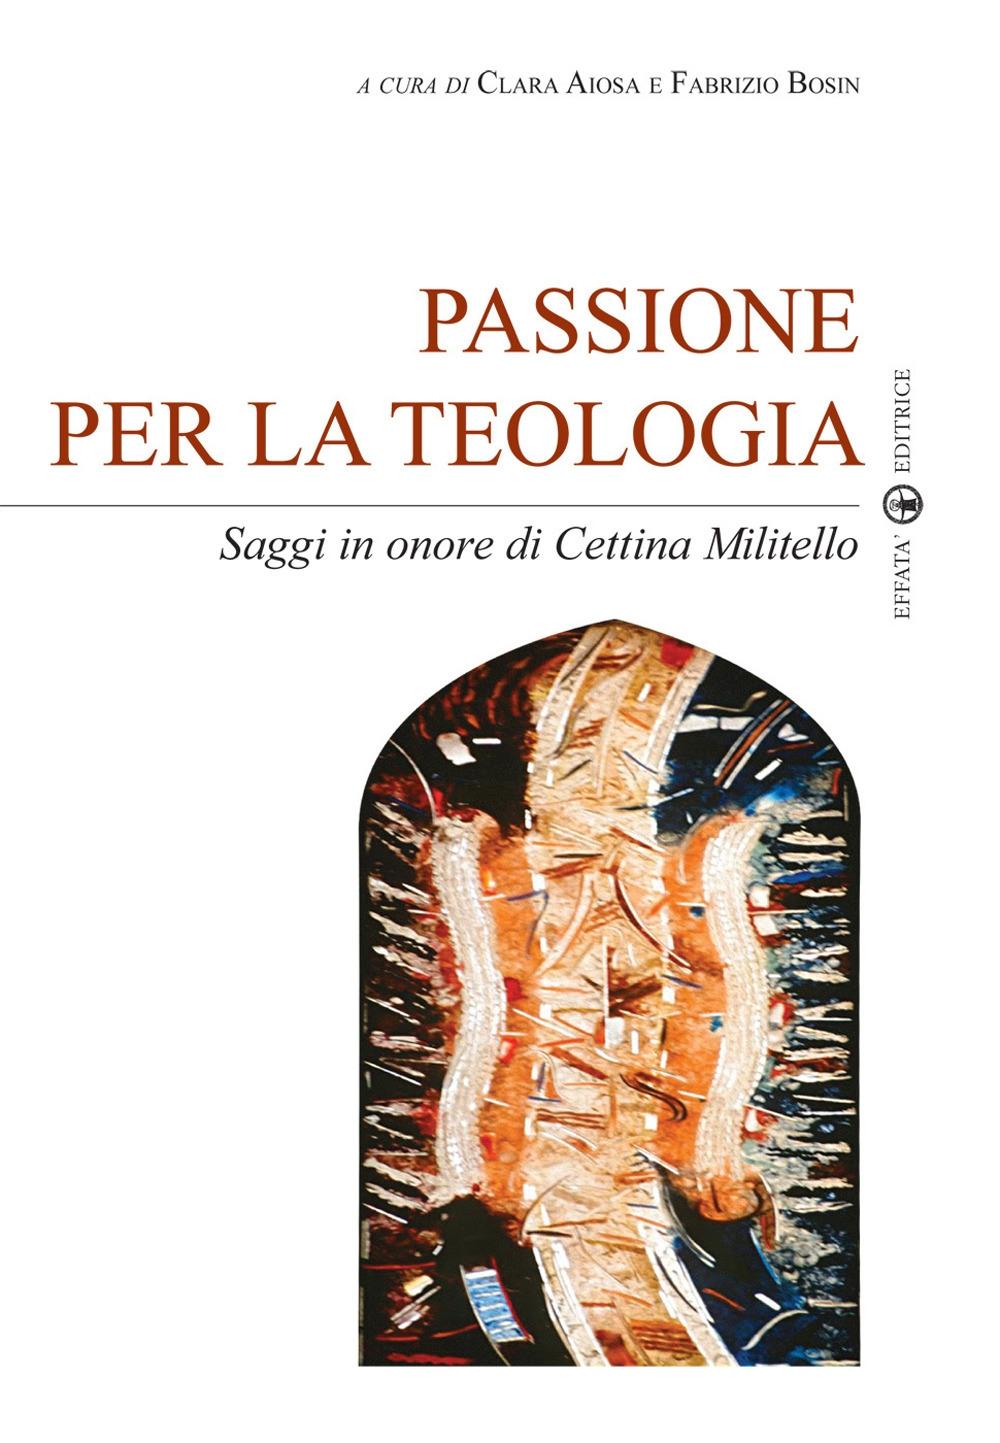 Passione per la teologia. Saggi in onore di Cettina Militello